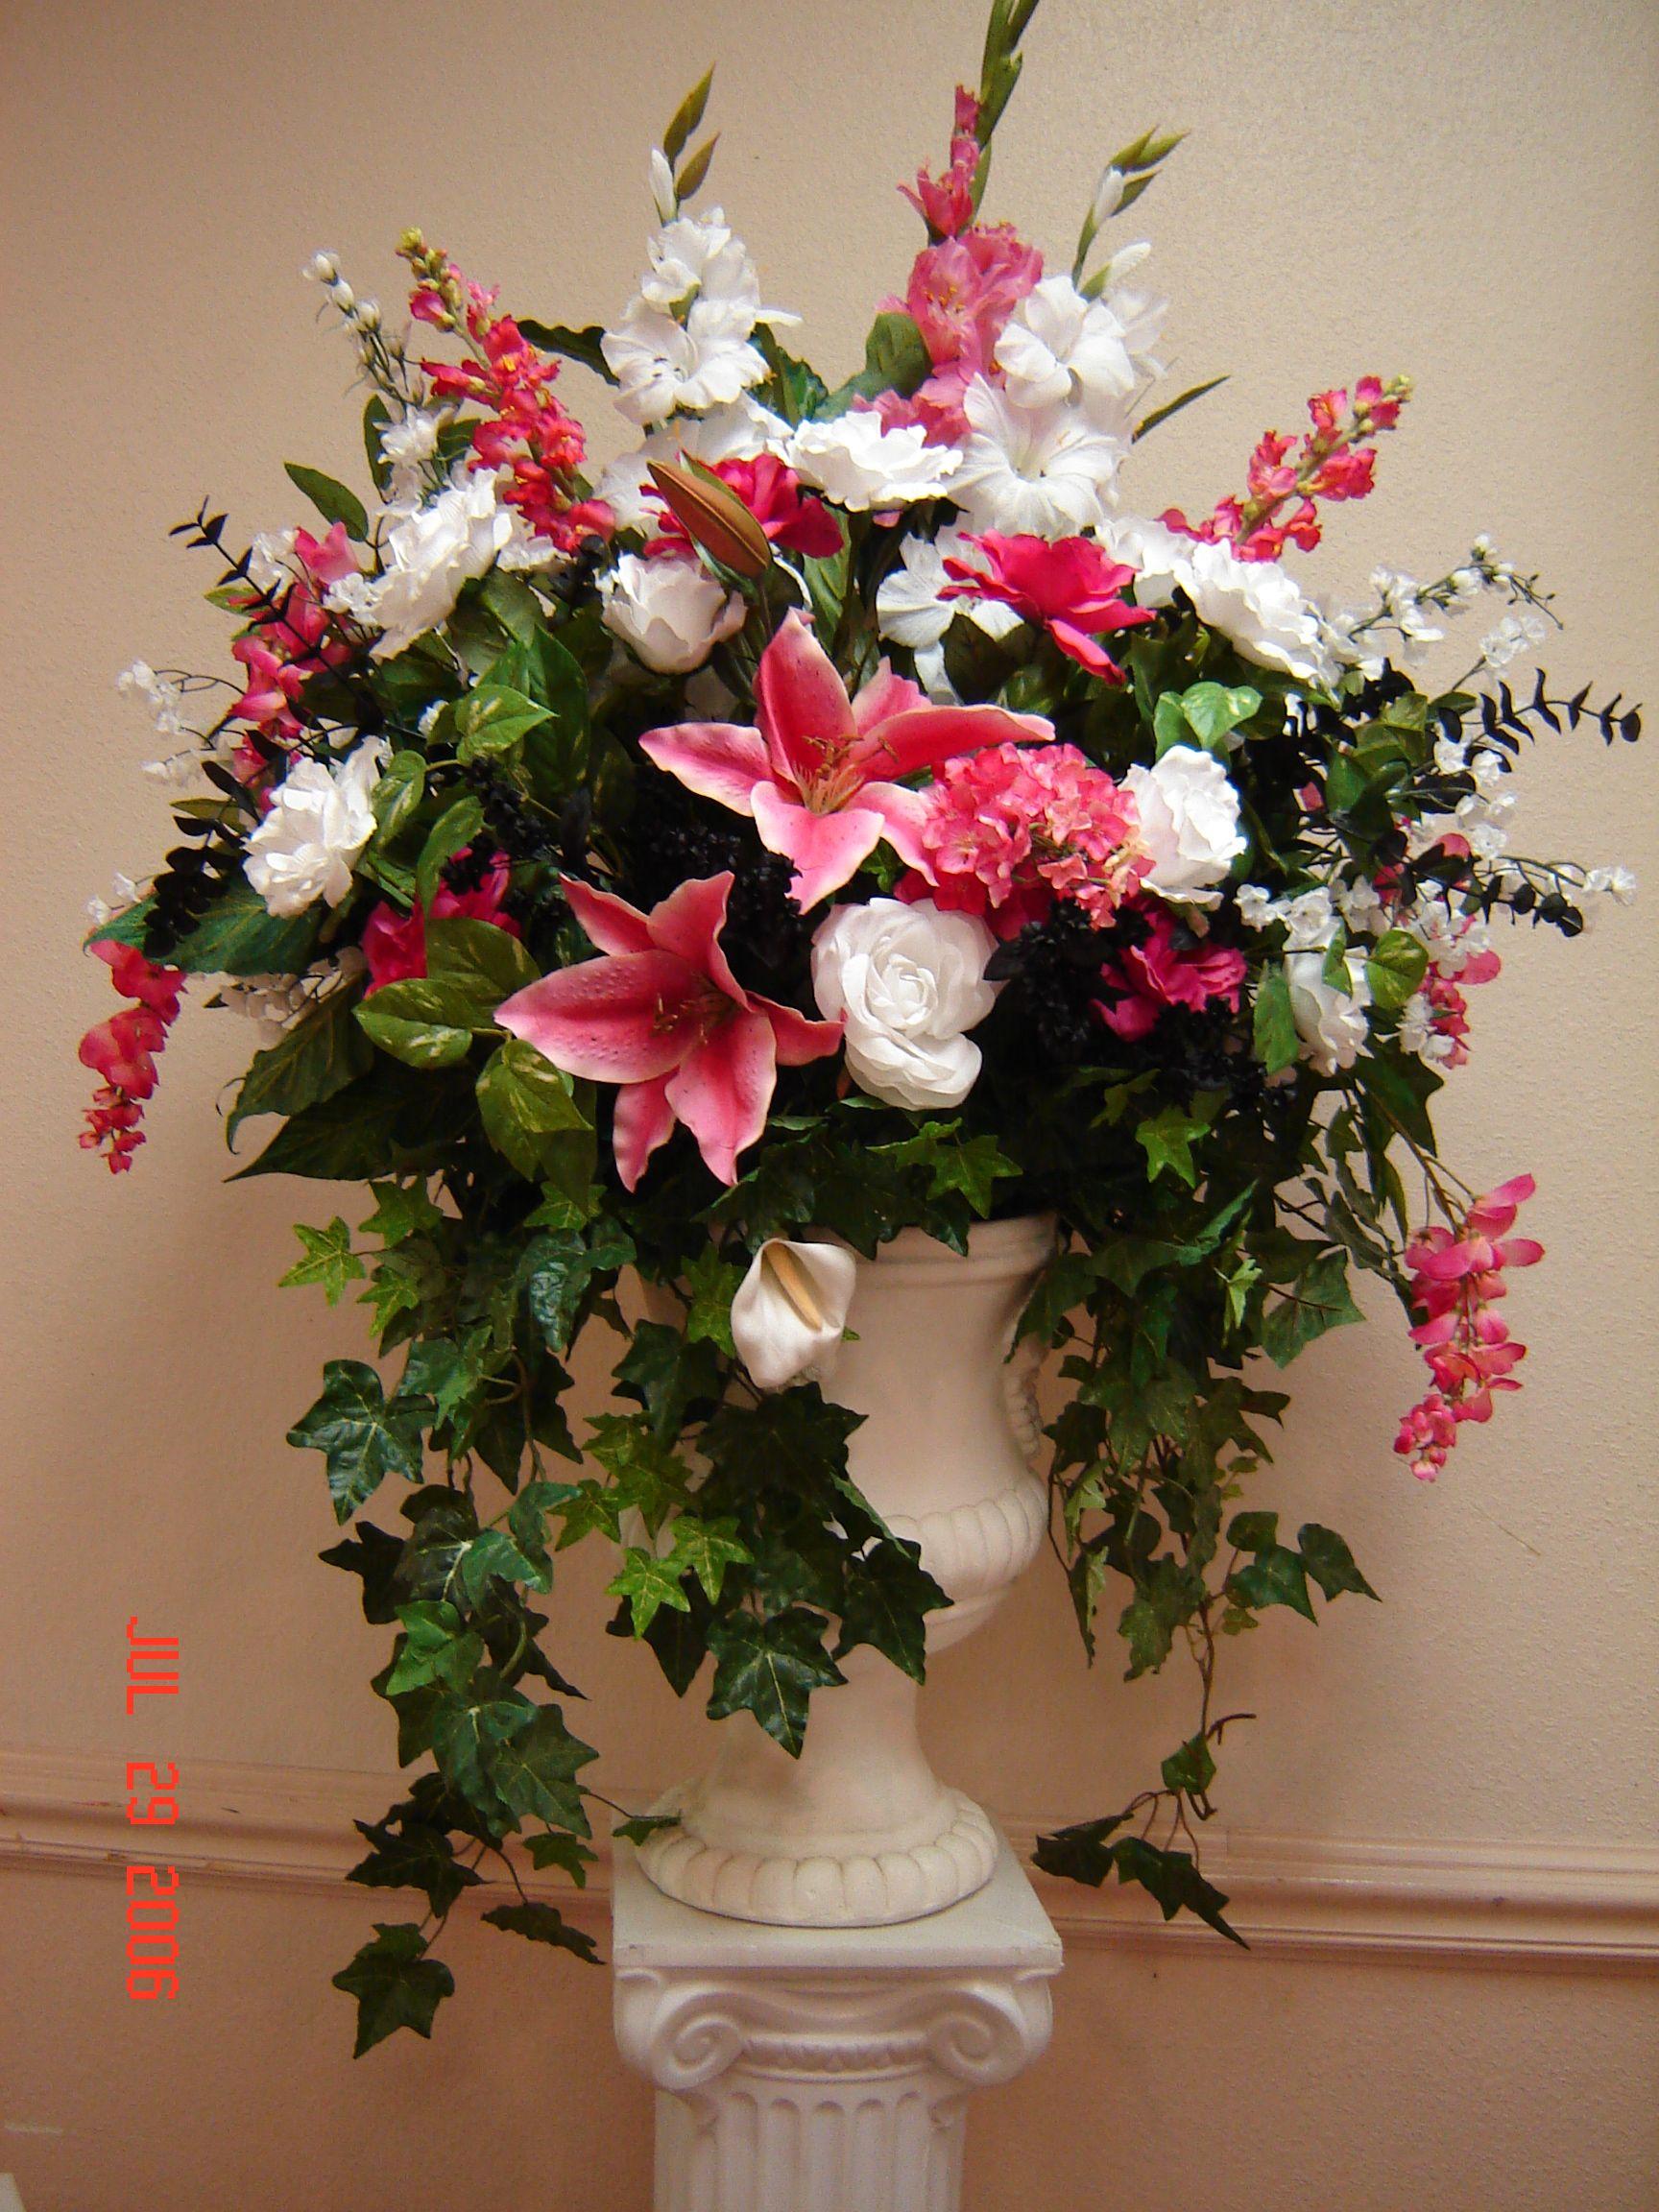 Silk floral arrangements